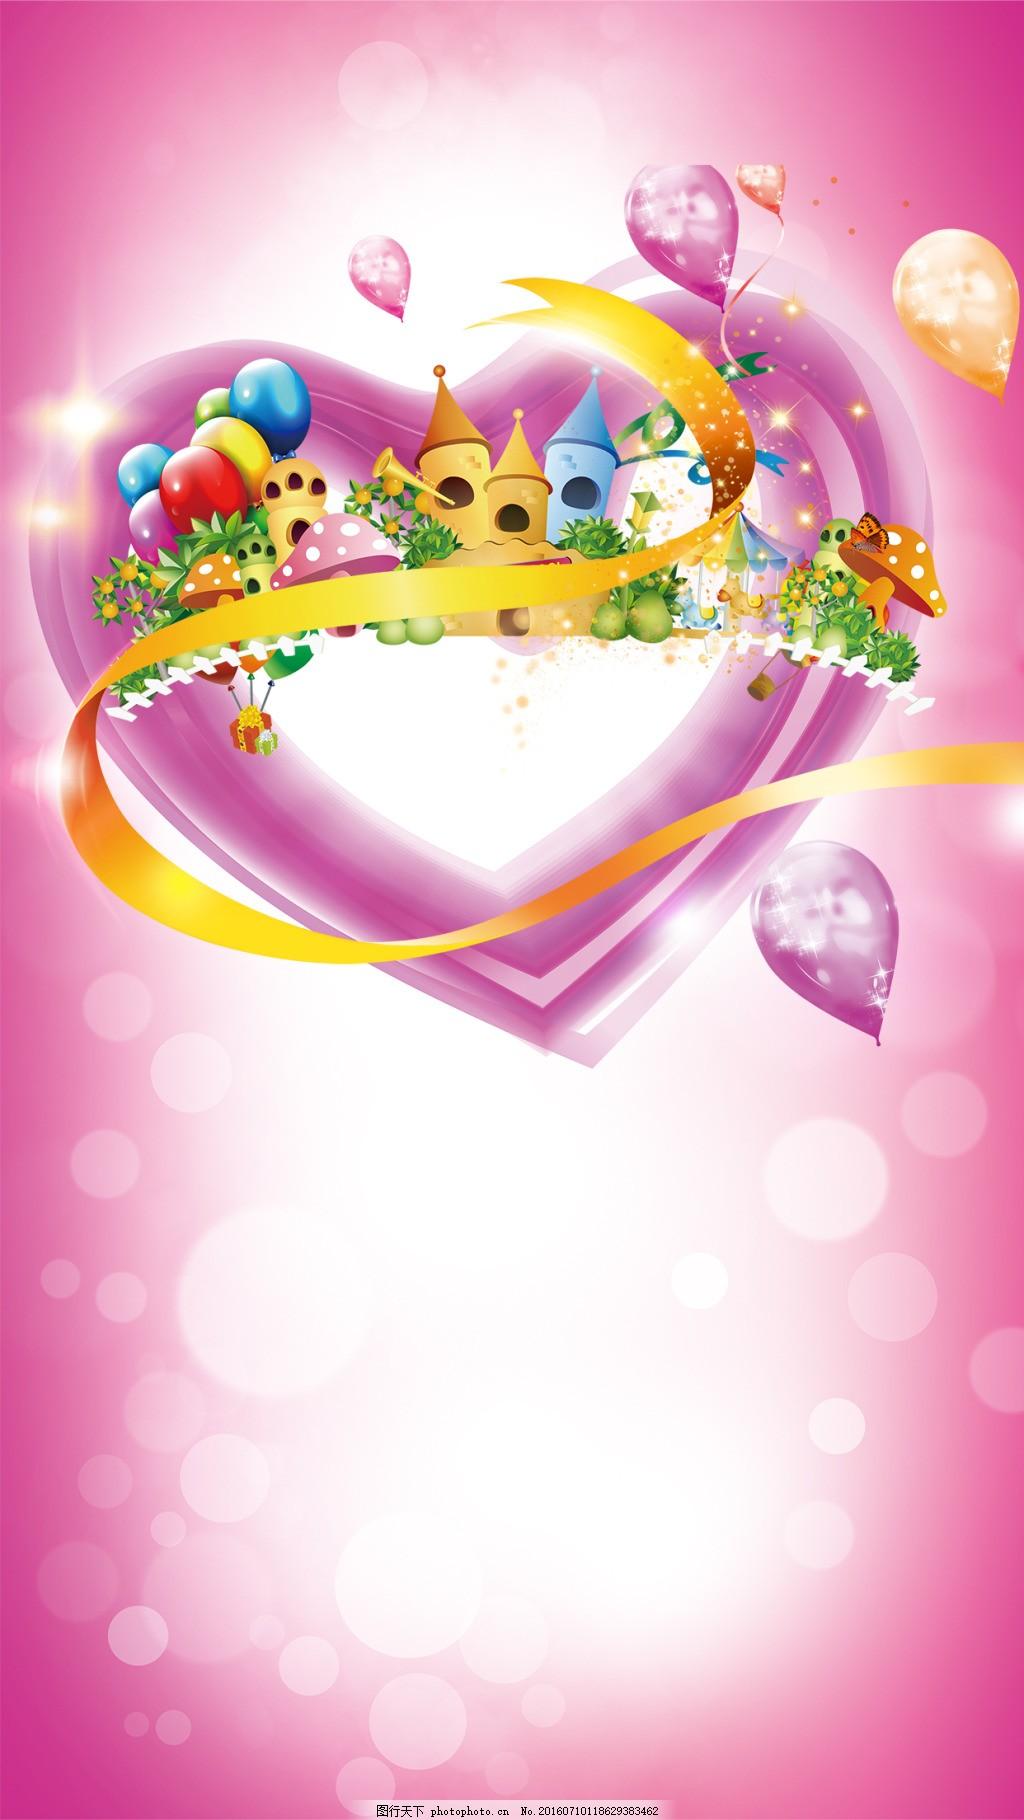 背景下载 粉色 光斑 梦幻 黄丝带 红心 儿童乐园 城堡 气球 蘑菇 童趣